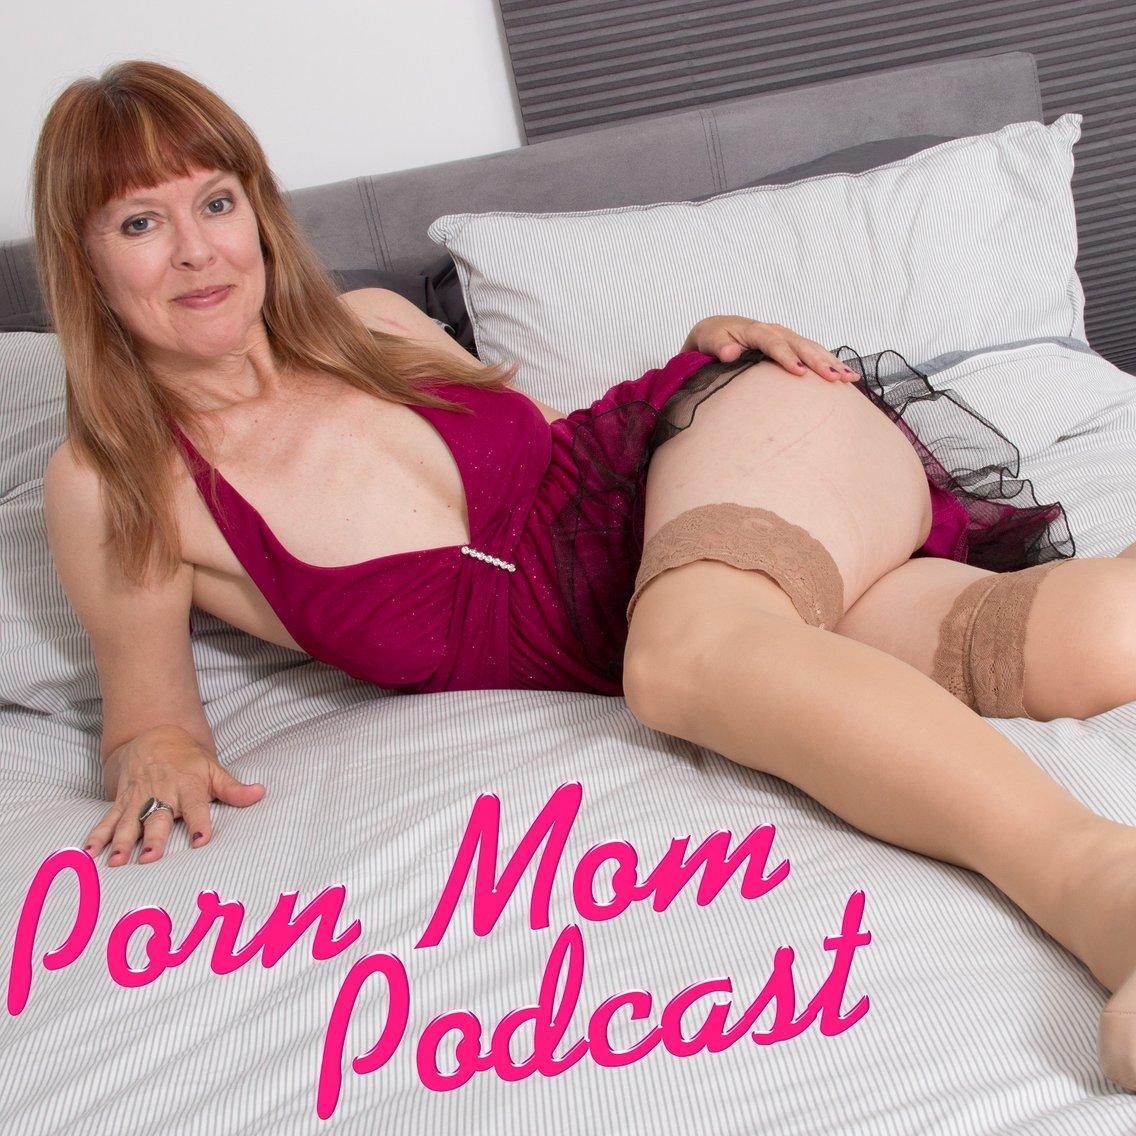 Porn Mom Podcast with Sally Mullins - immagine di copertina